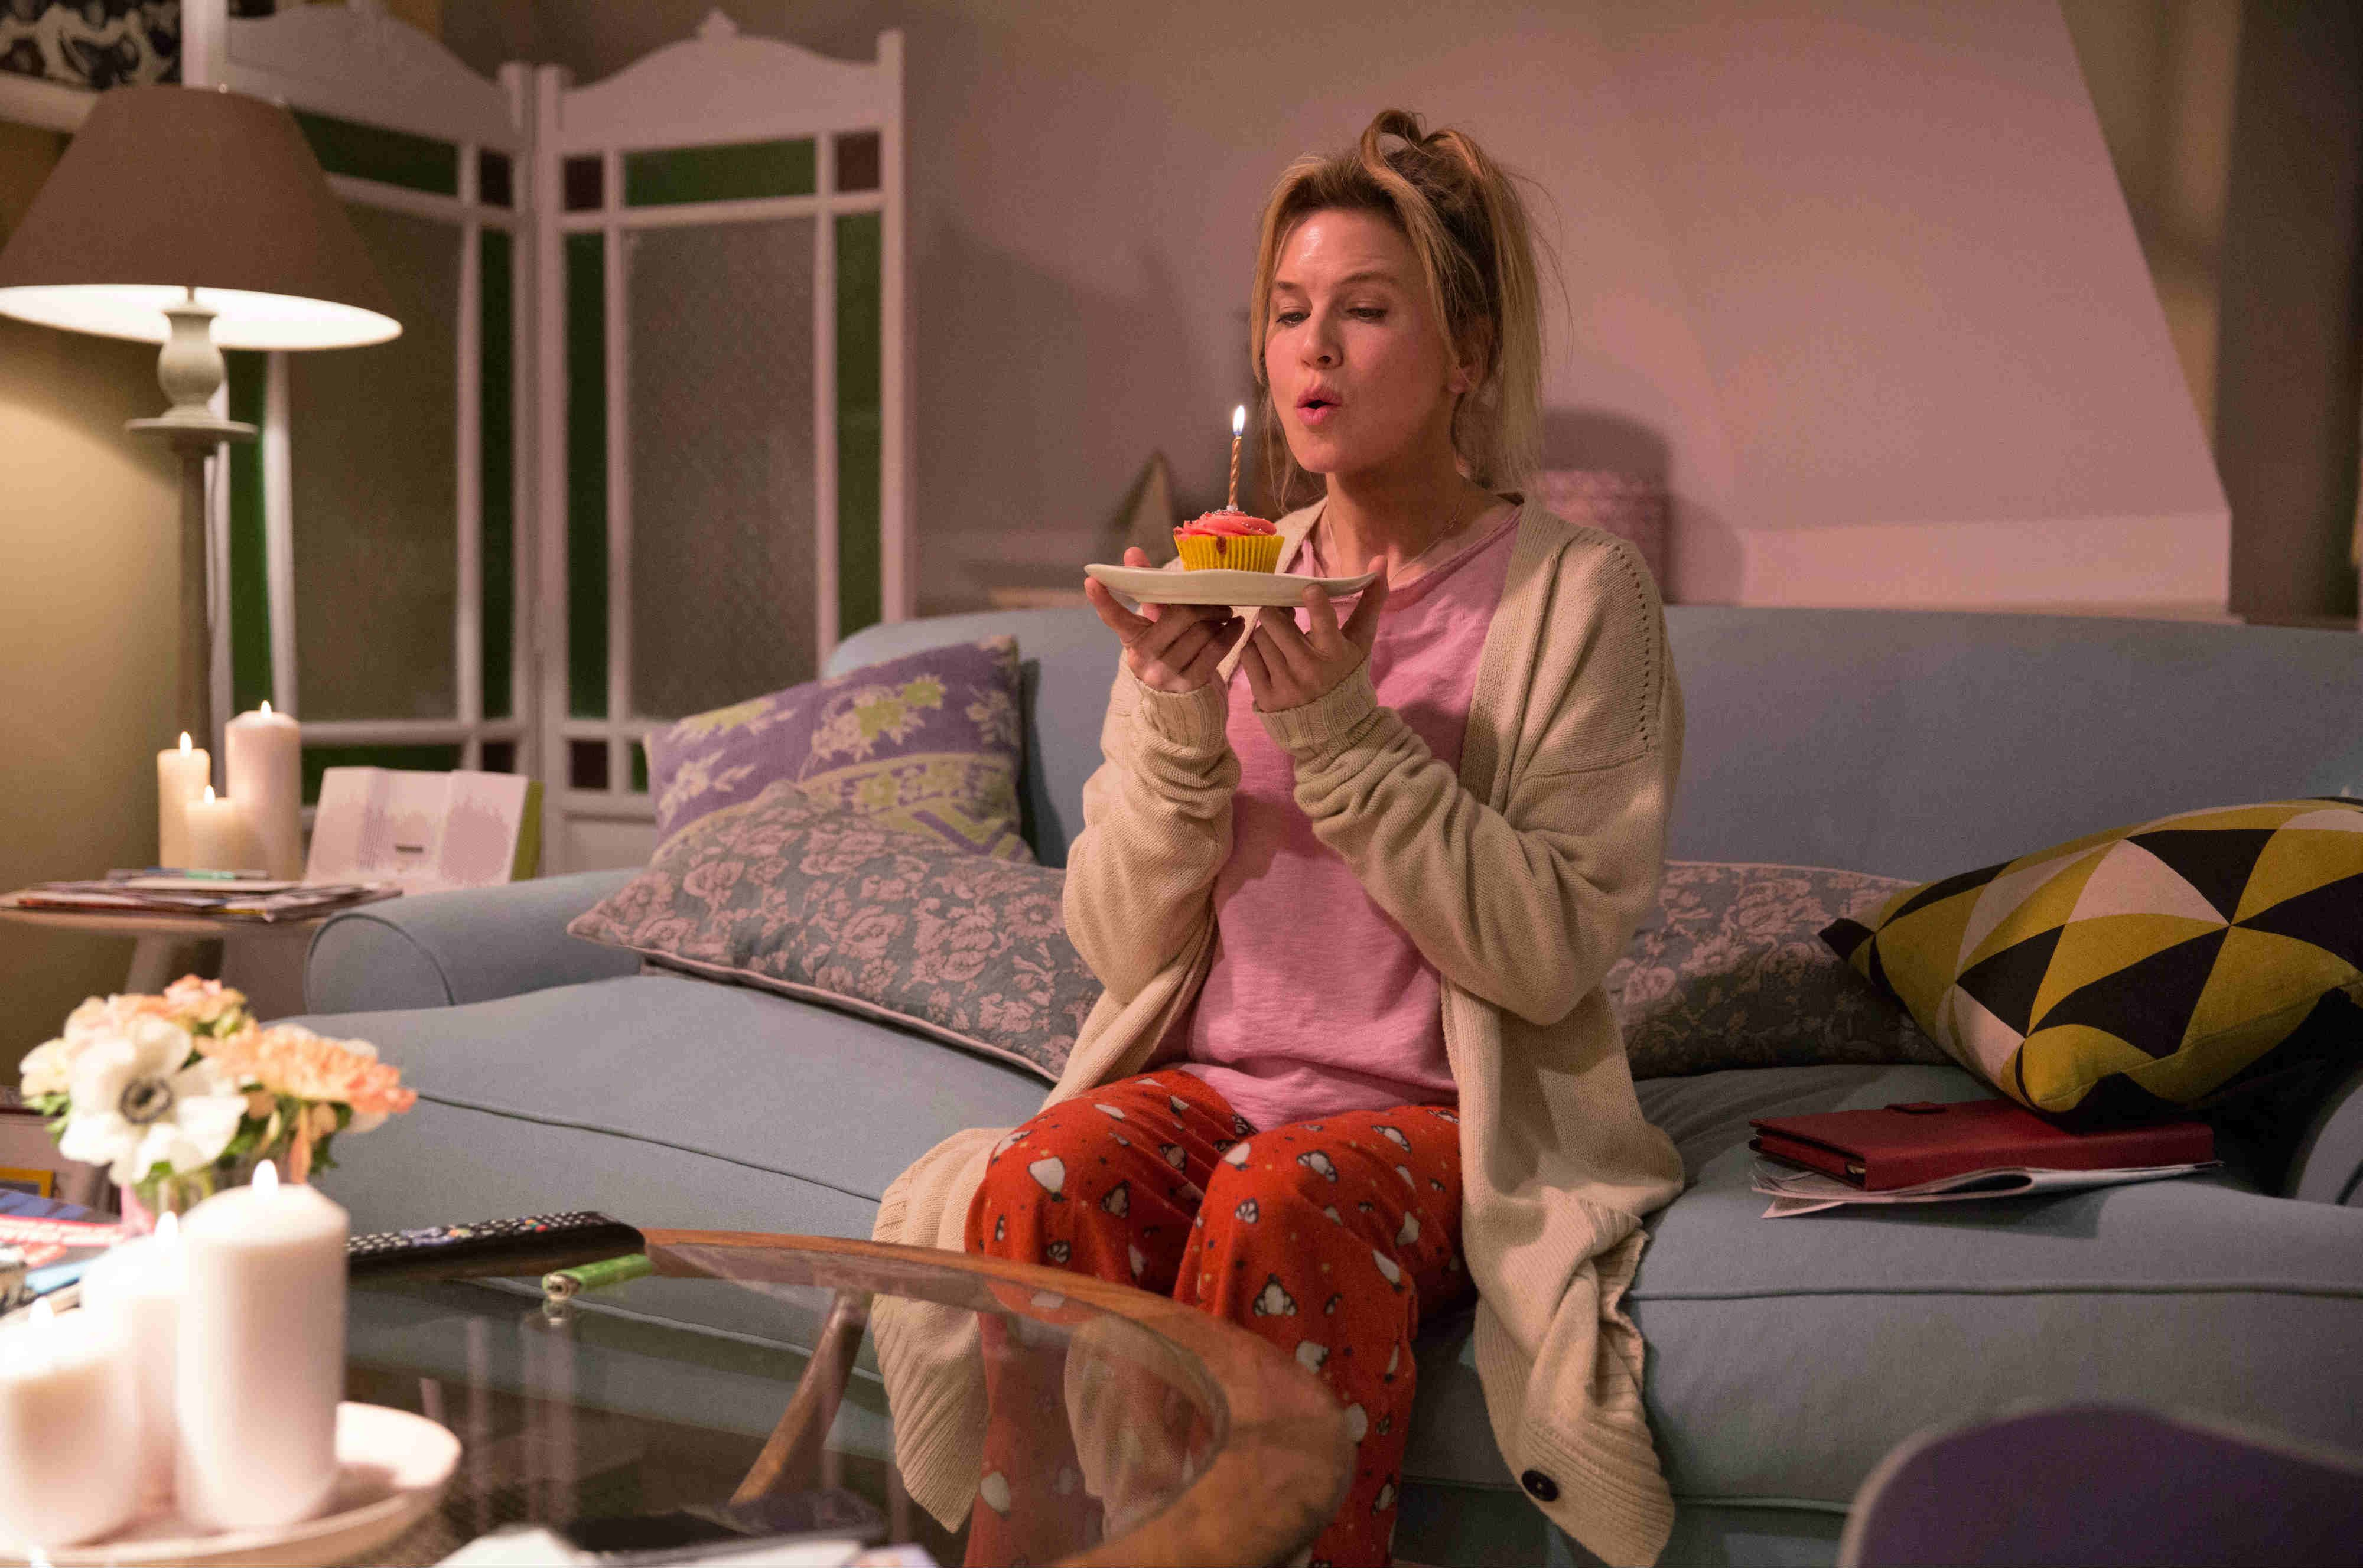 Bridget Jones'baby: cast, trama e curiosità sull'ultimo film della trilogia